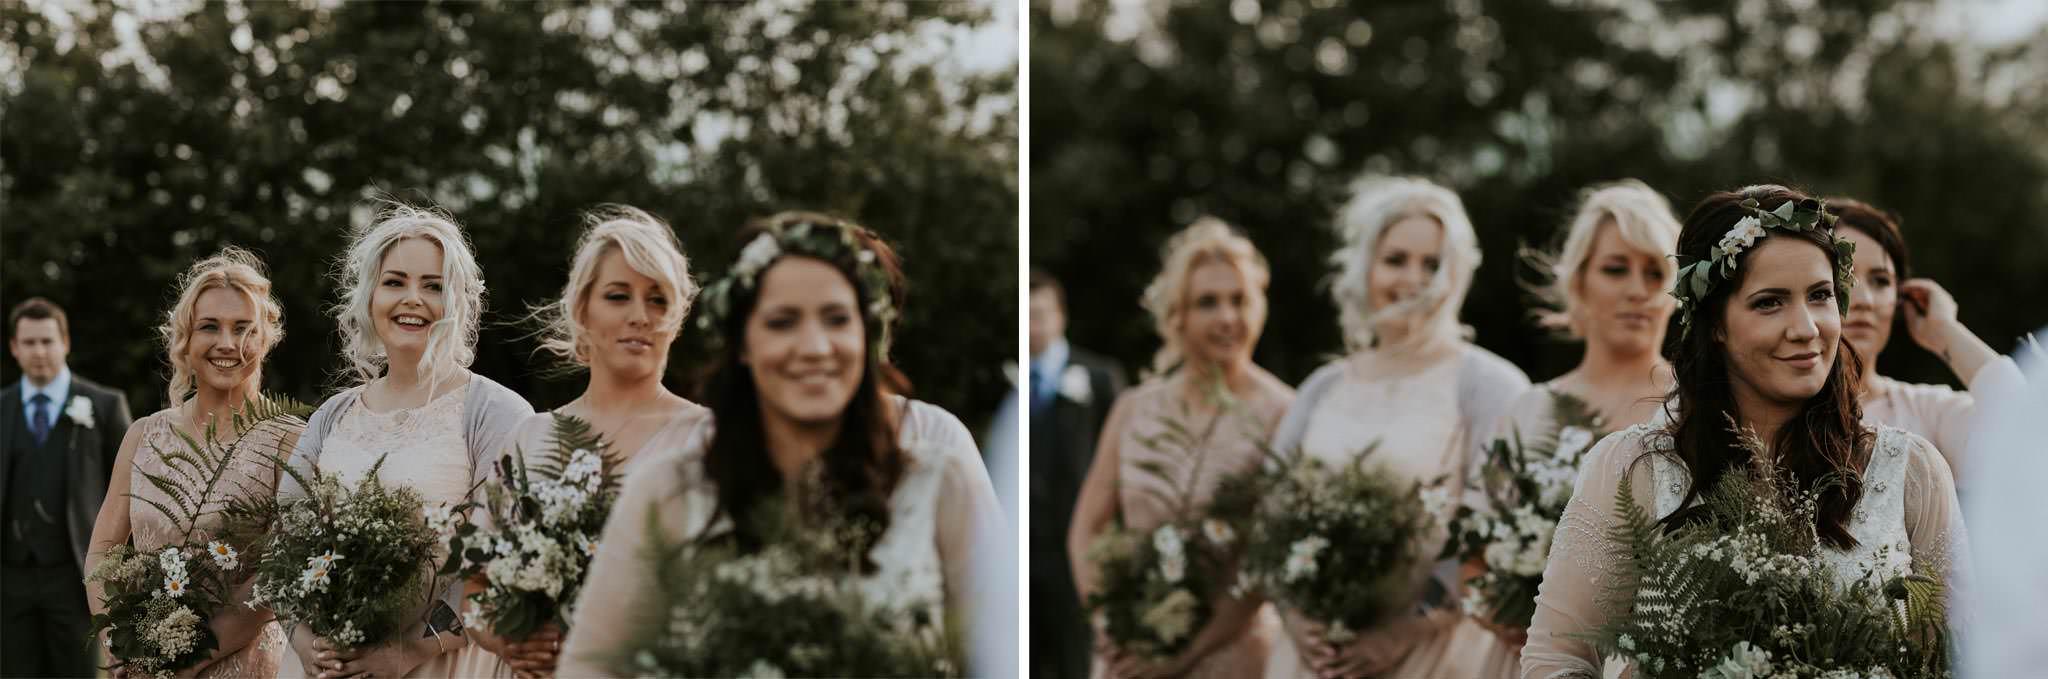 secret-herb-garden-edinburgh-vegan-wedding-054